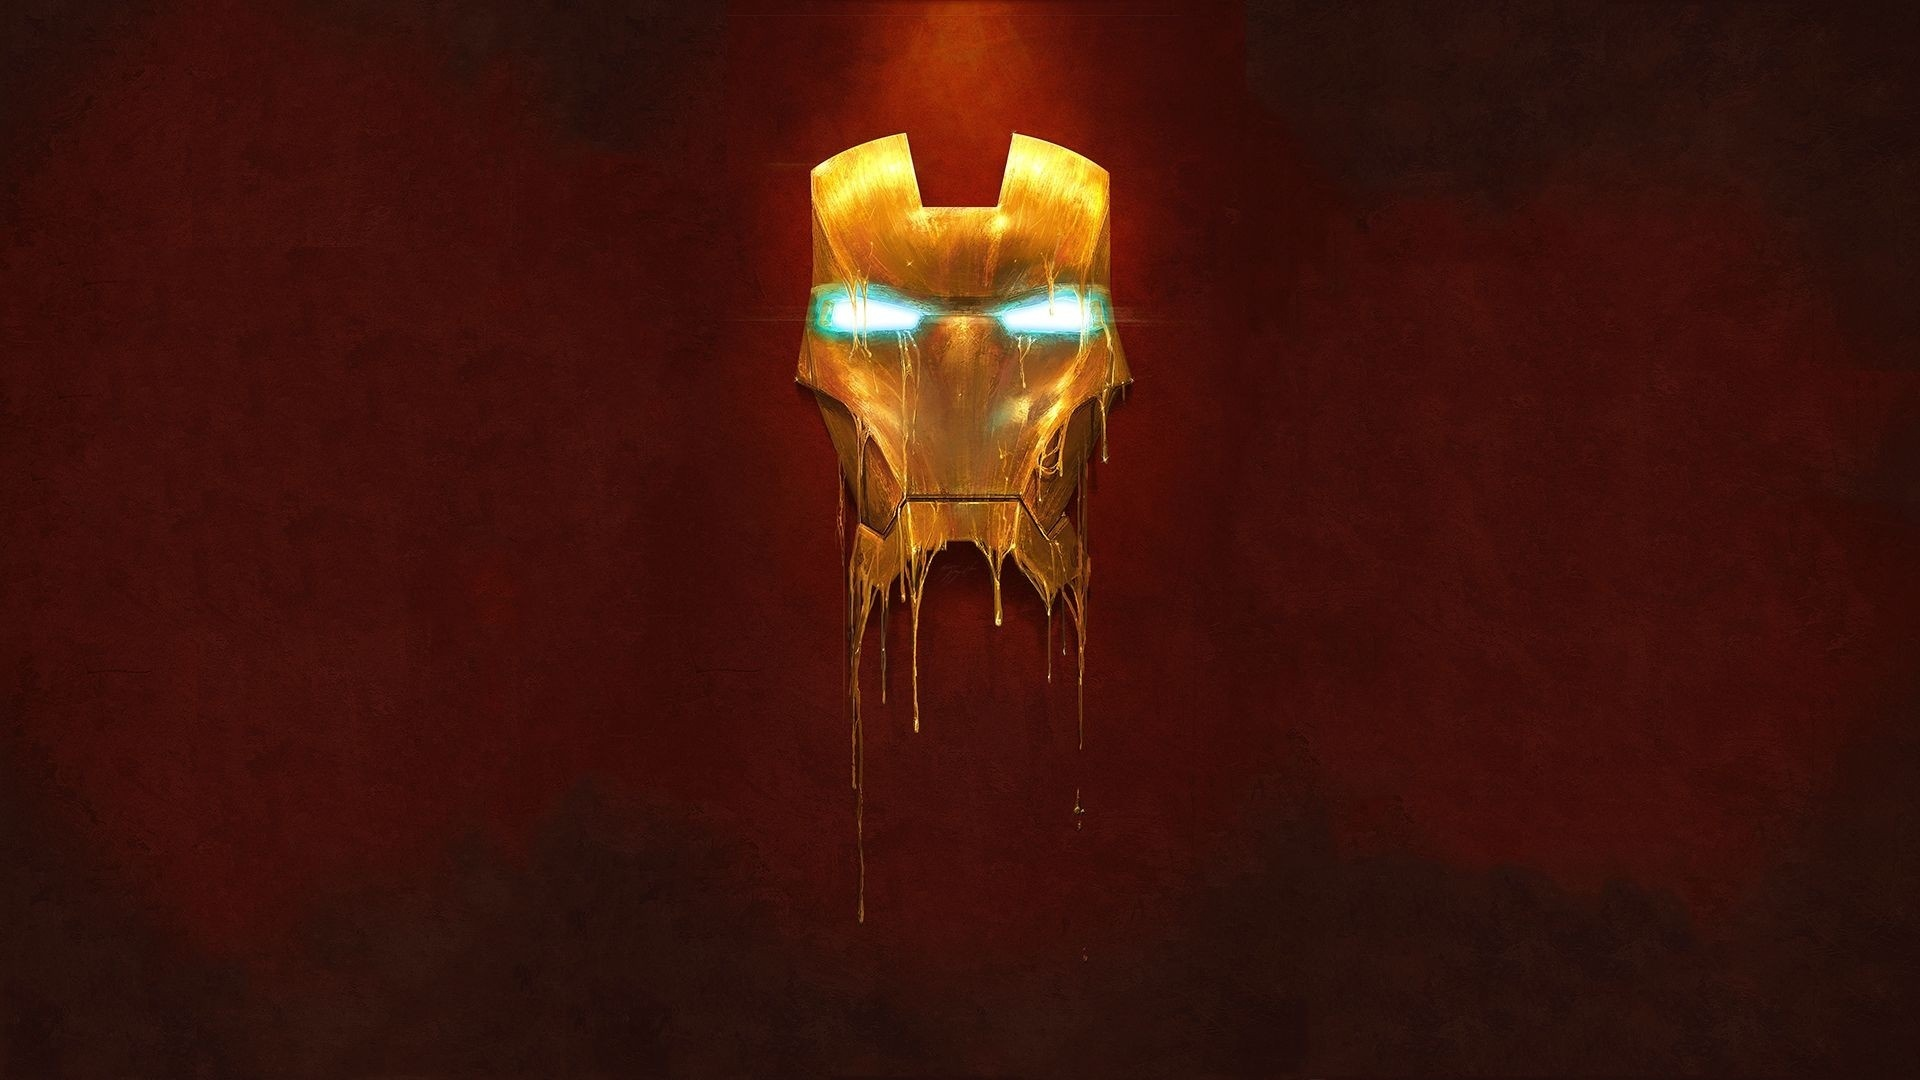 19247 скачать обои Кино, Фон, Железный Человек (Iron Man) - заставки и картинки бесплатно